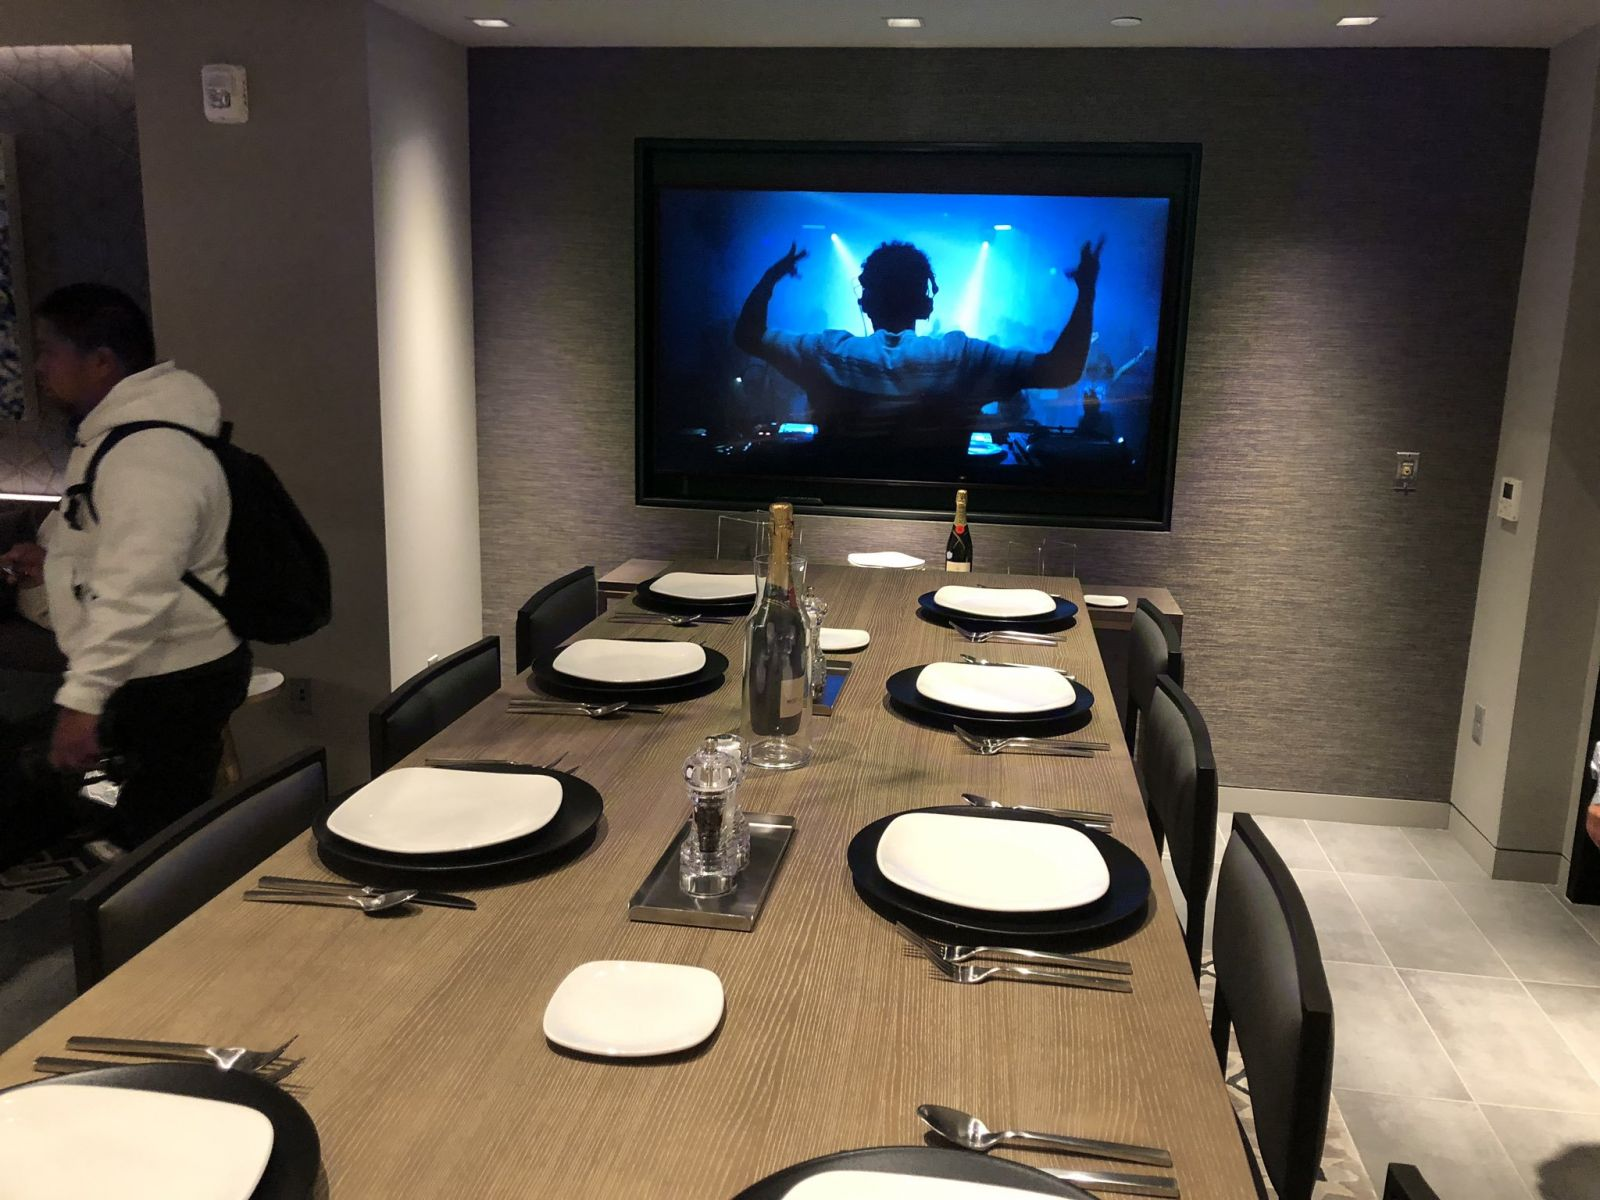 大通中心餐厅和食物曝光,采访间LED屏幕为联盟首创